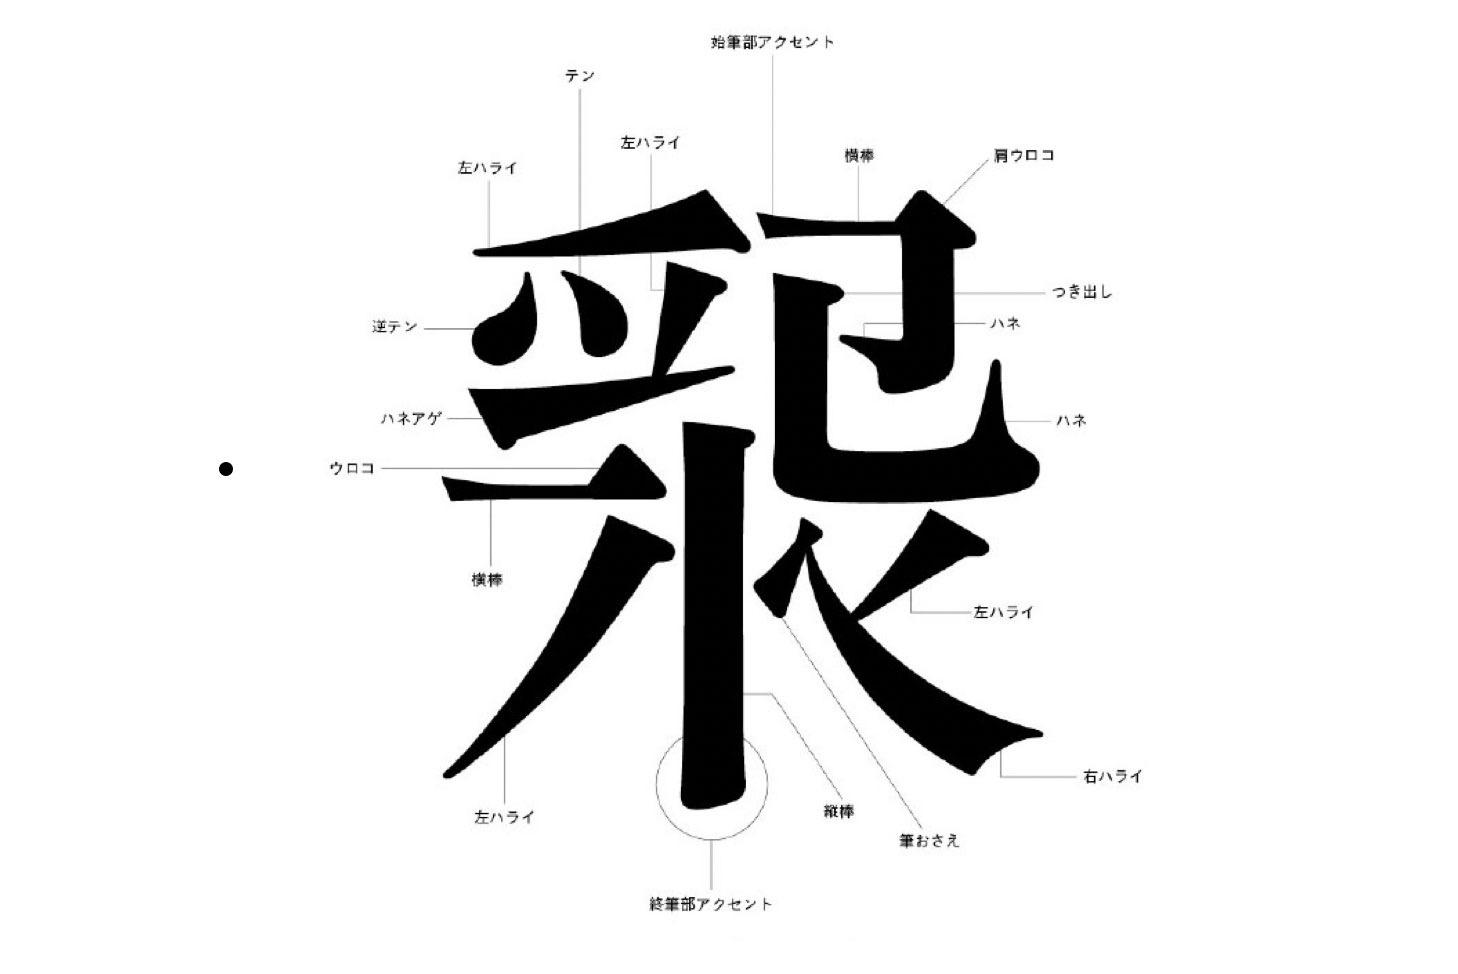 japanese.jpg.9d0cc4597ae97eb9fae75e253f9a9c02.jpg